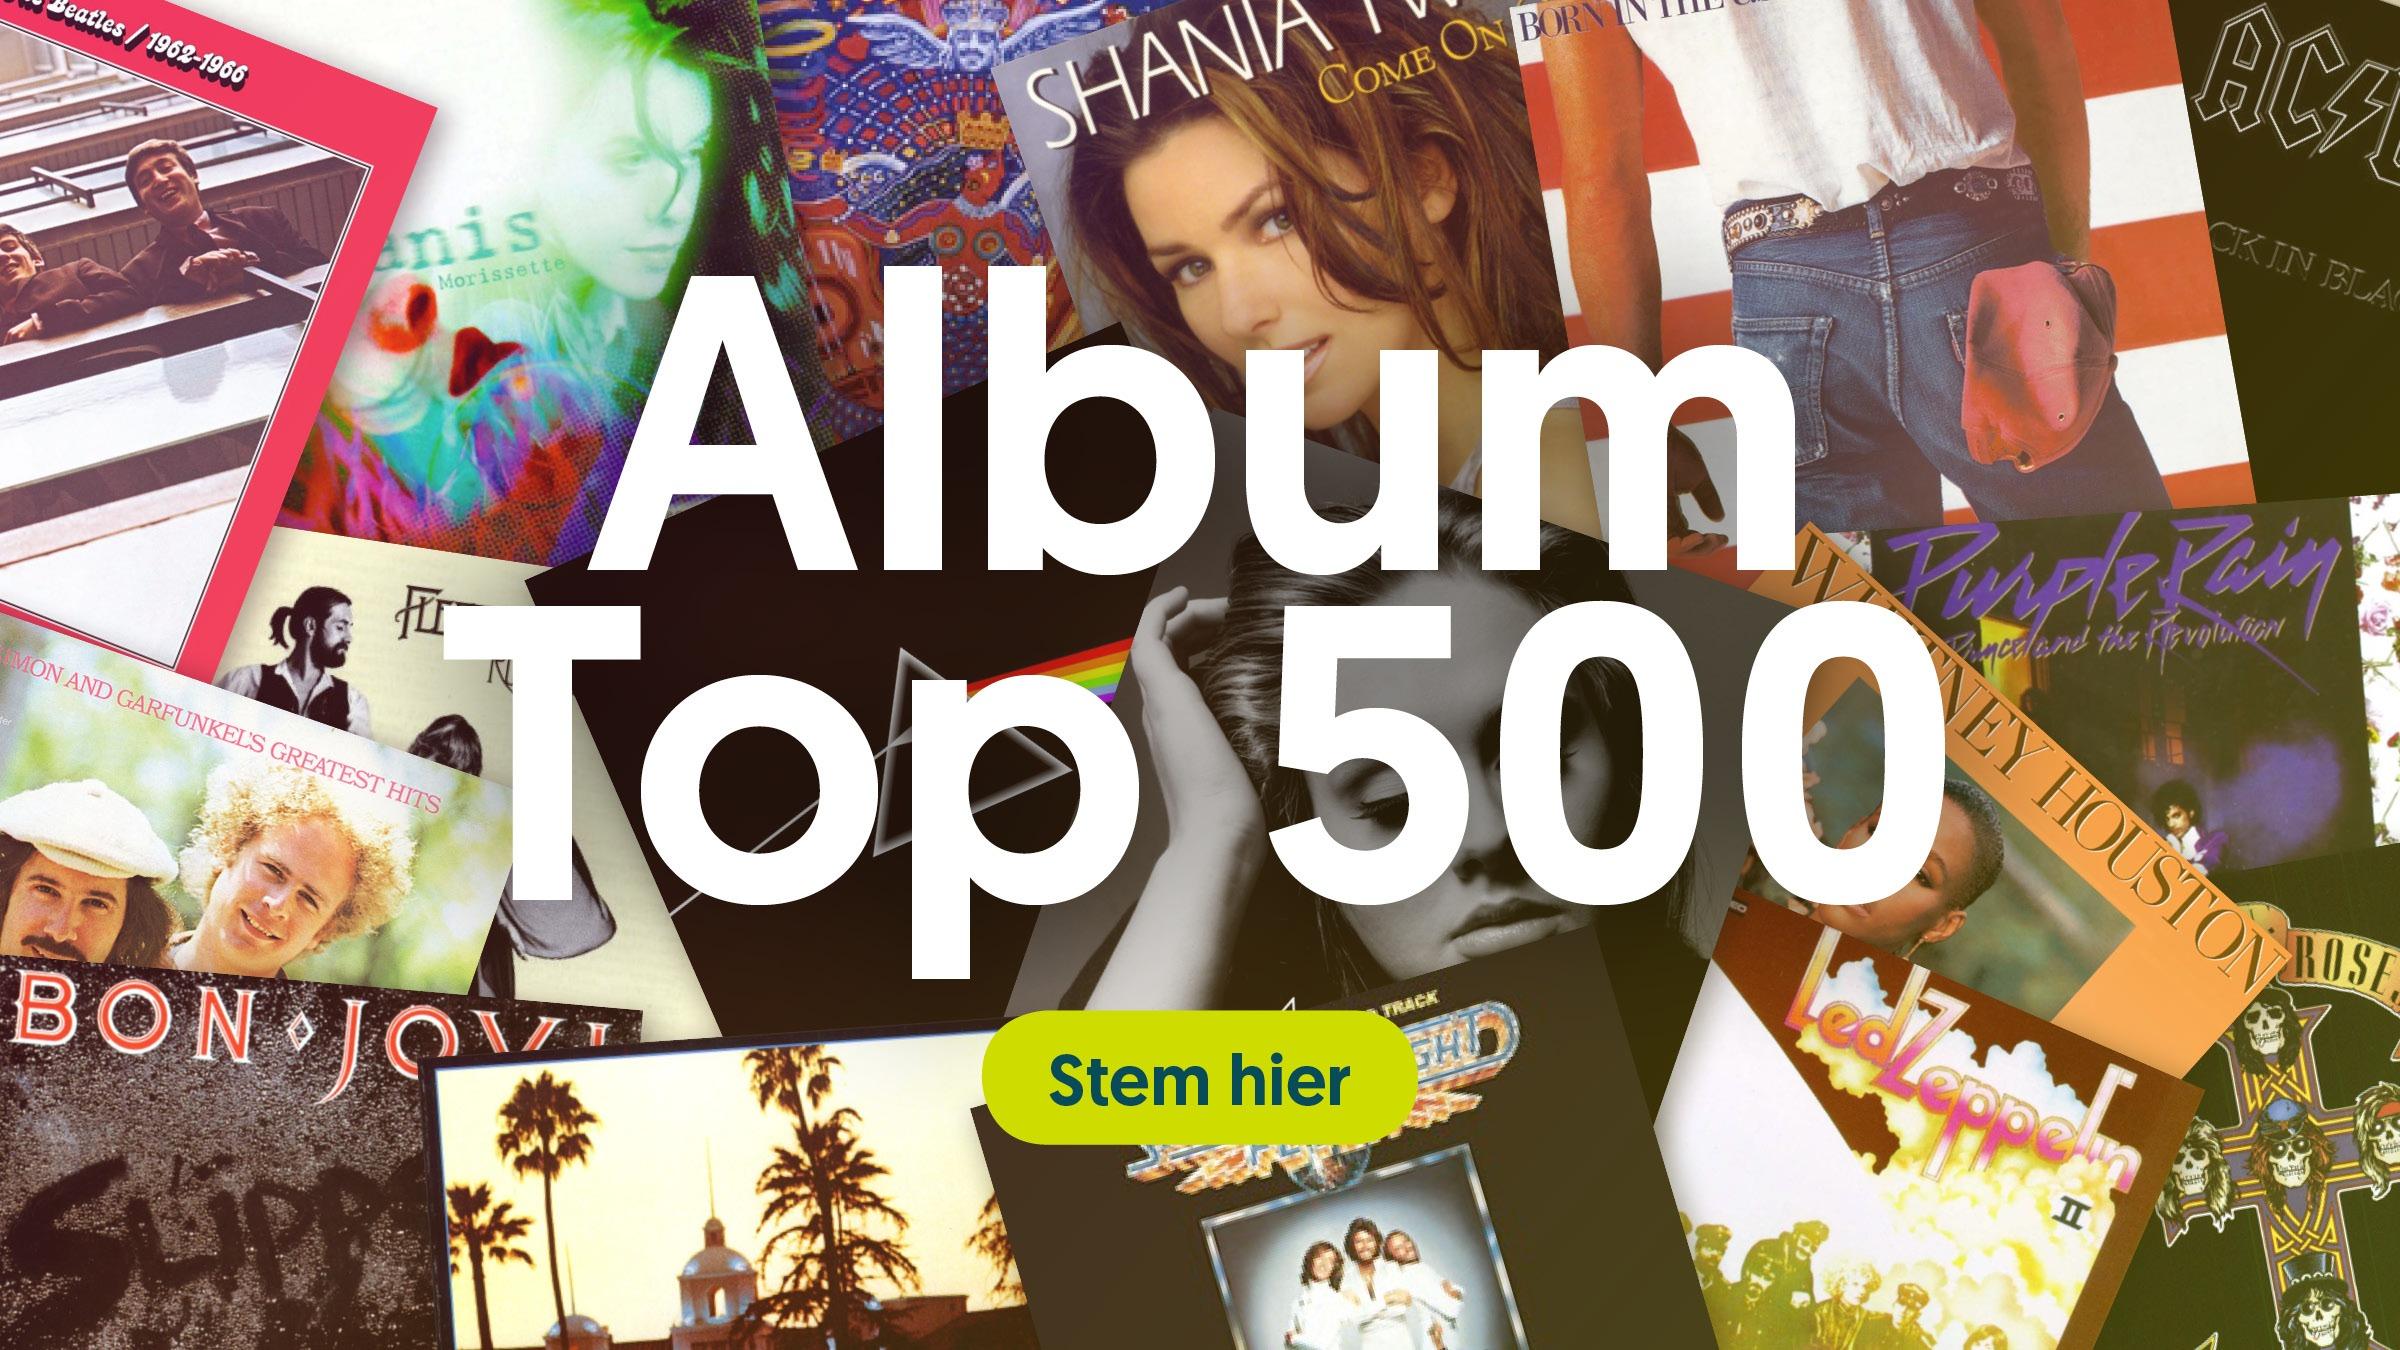 eb7944f81 Stem jouw favoriete album in onze Album Top 500